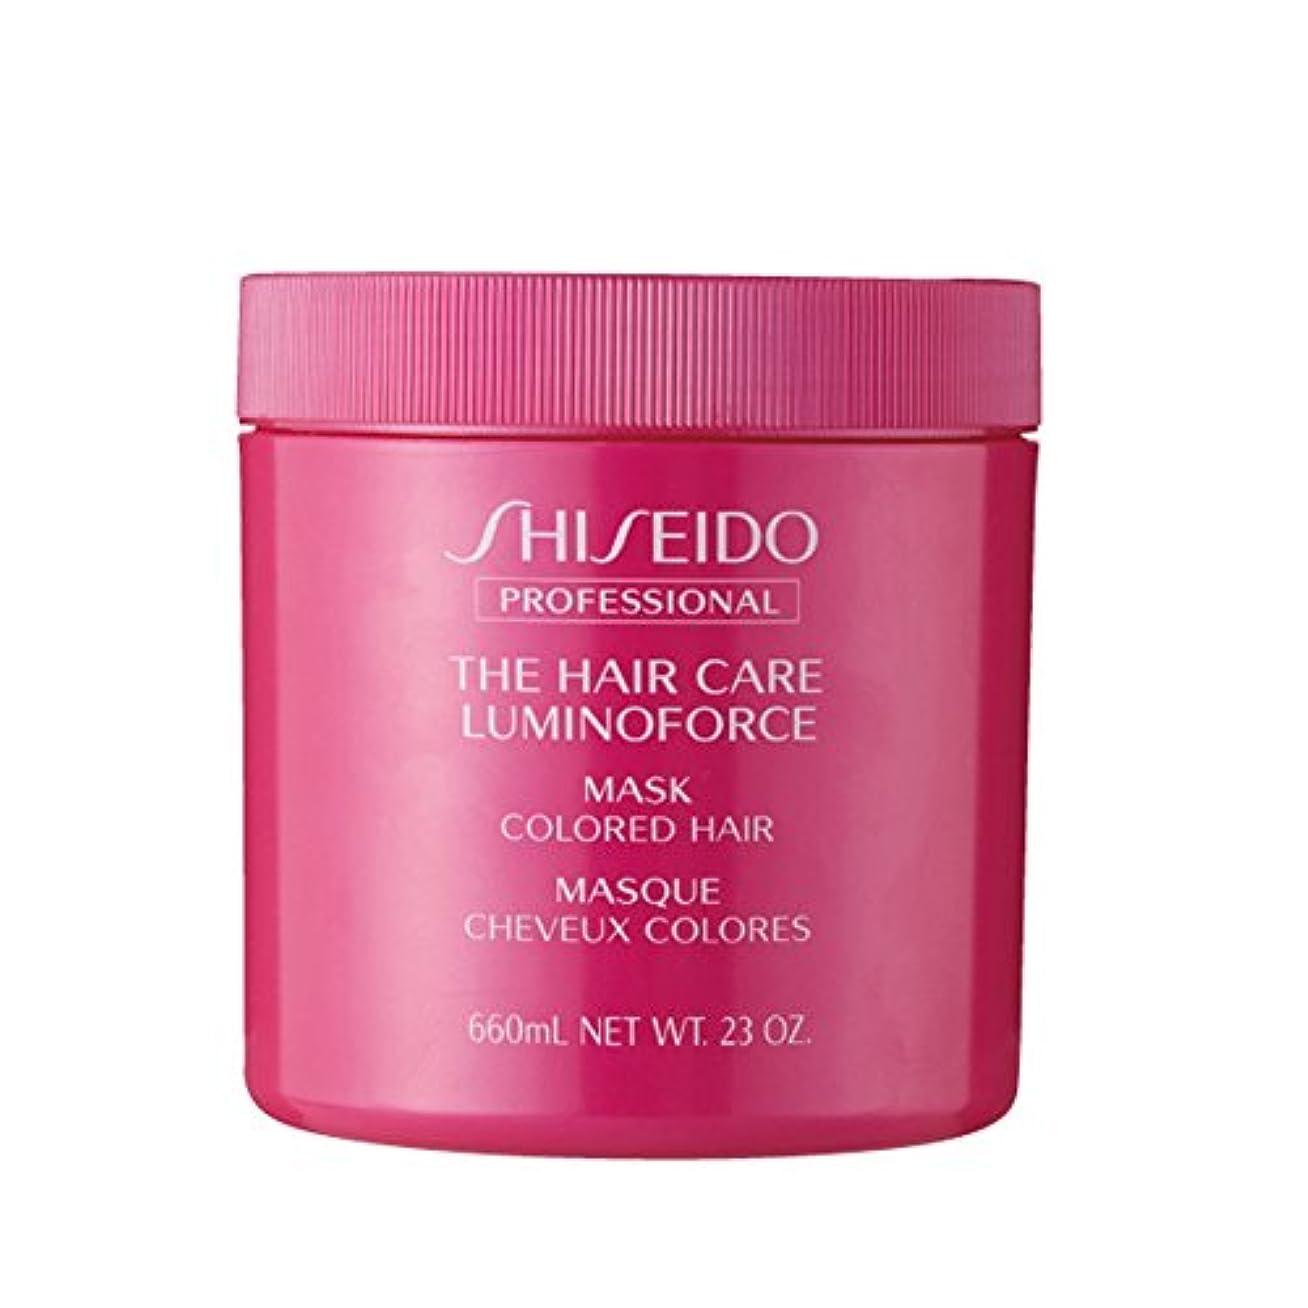 孤児トマトバスタブ資生堂 THC ルミノフォースマスク 680g ×2個 セットヘアカラーを繰り返したごわついた髪を、芯からしなやかでつややかな髪へSHISEIDO LUMINOFORCE